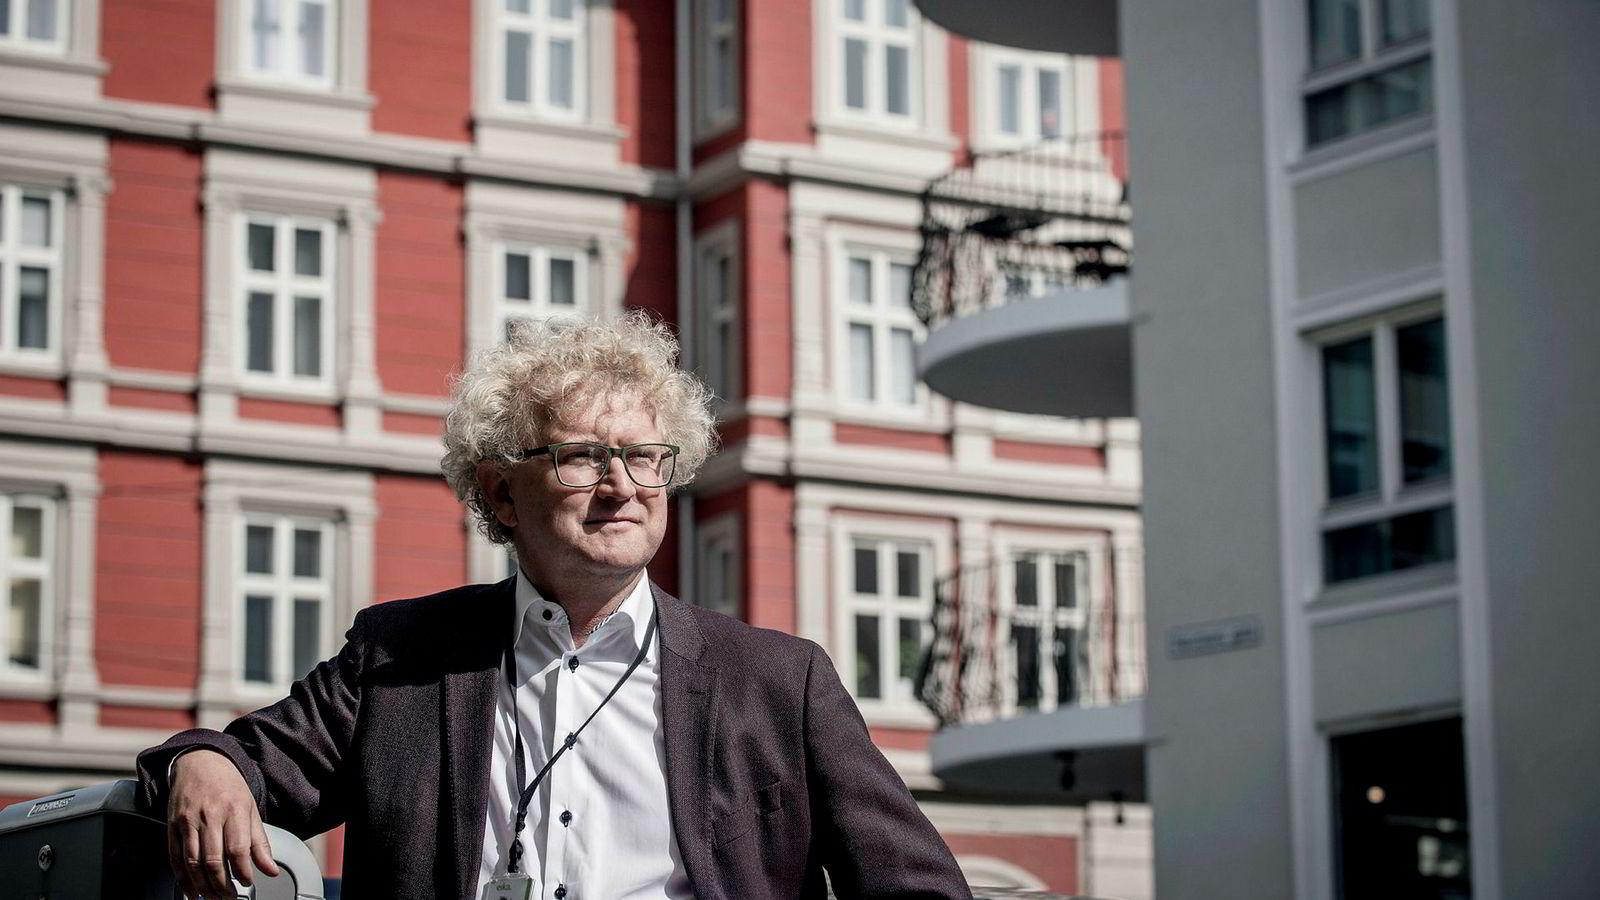 Sjeføkonom Jan Ludvig Andreassen i Eika Gruppen skilte seg ut blant økonomene som la frem prognoser for boligmarkedet i dag.